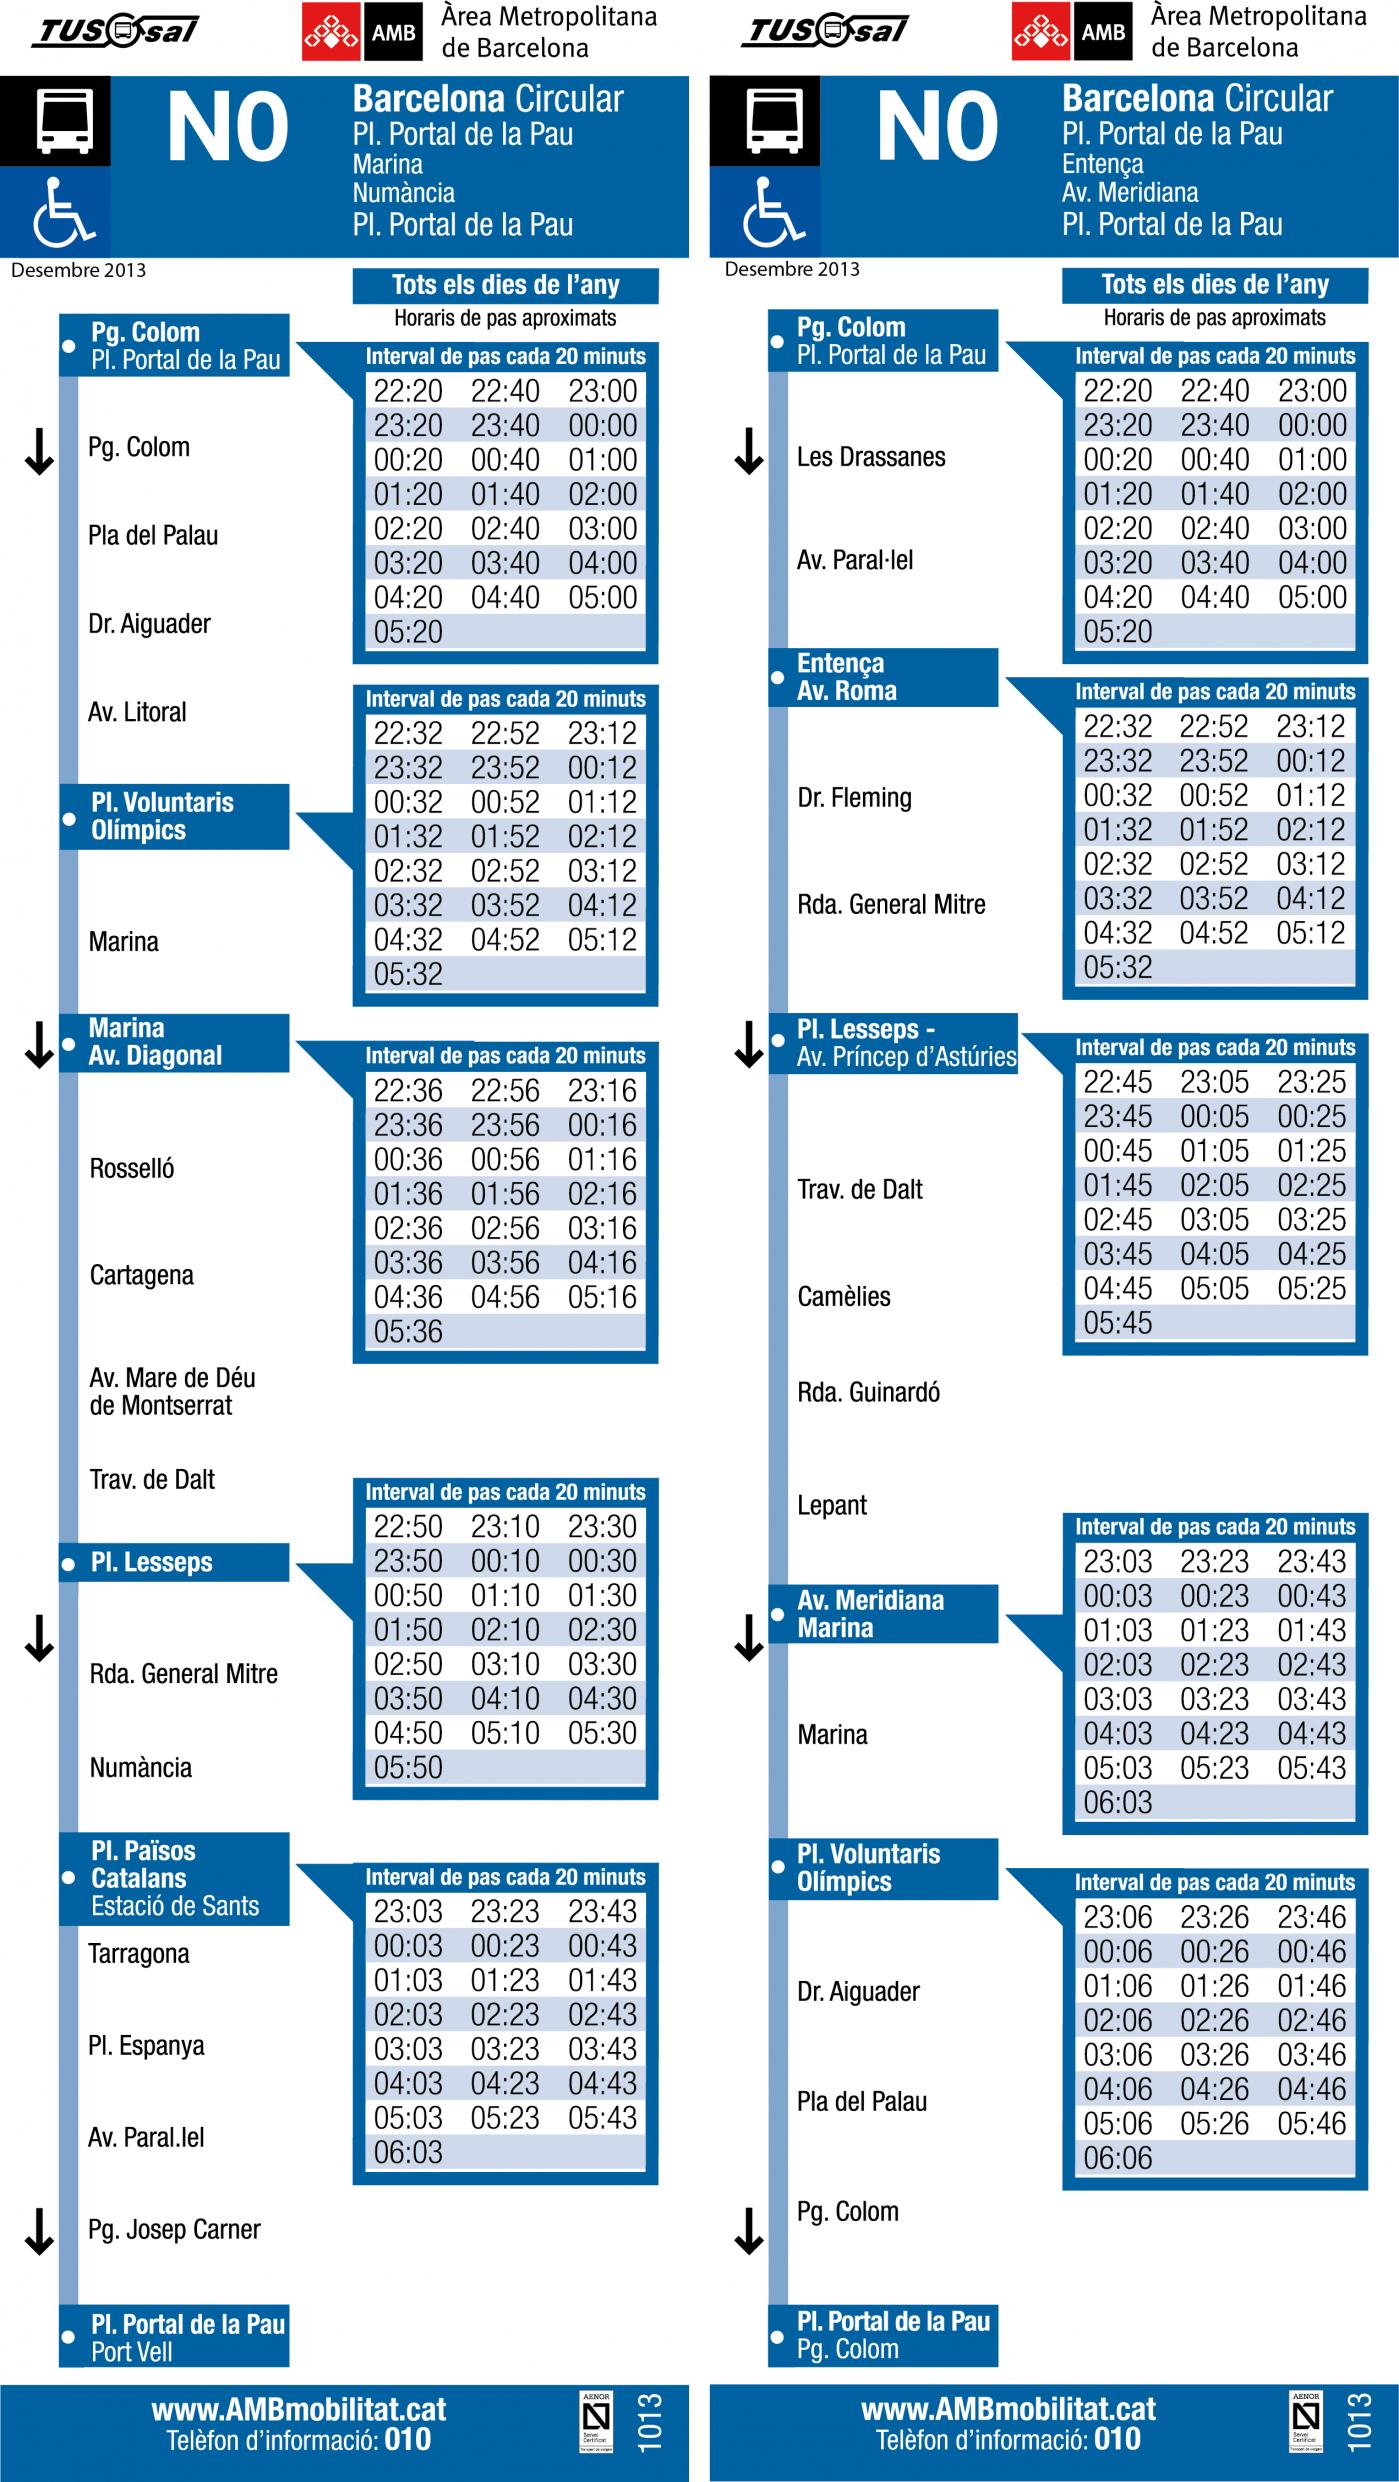 Tabla de horarios y frecuencias de paso Línea N0: Circular Plaça Portal de la Pau